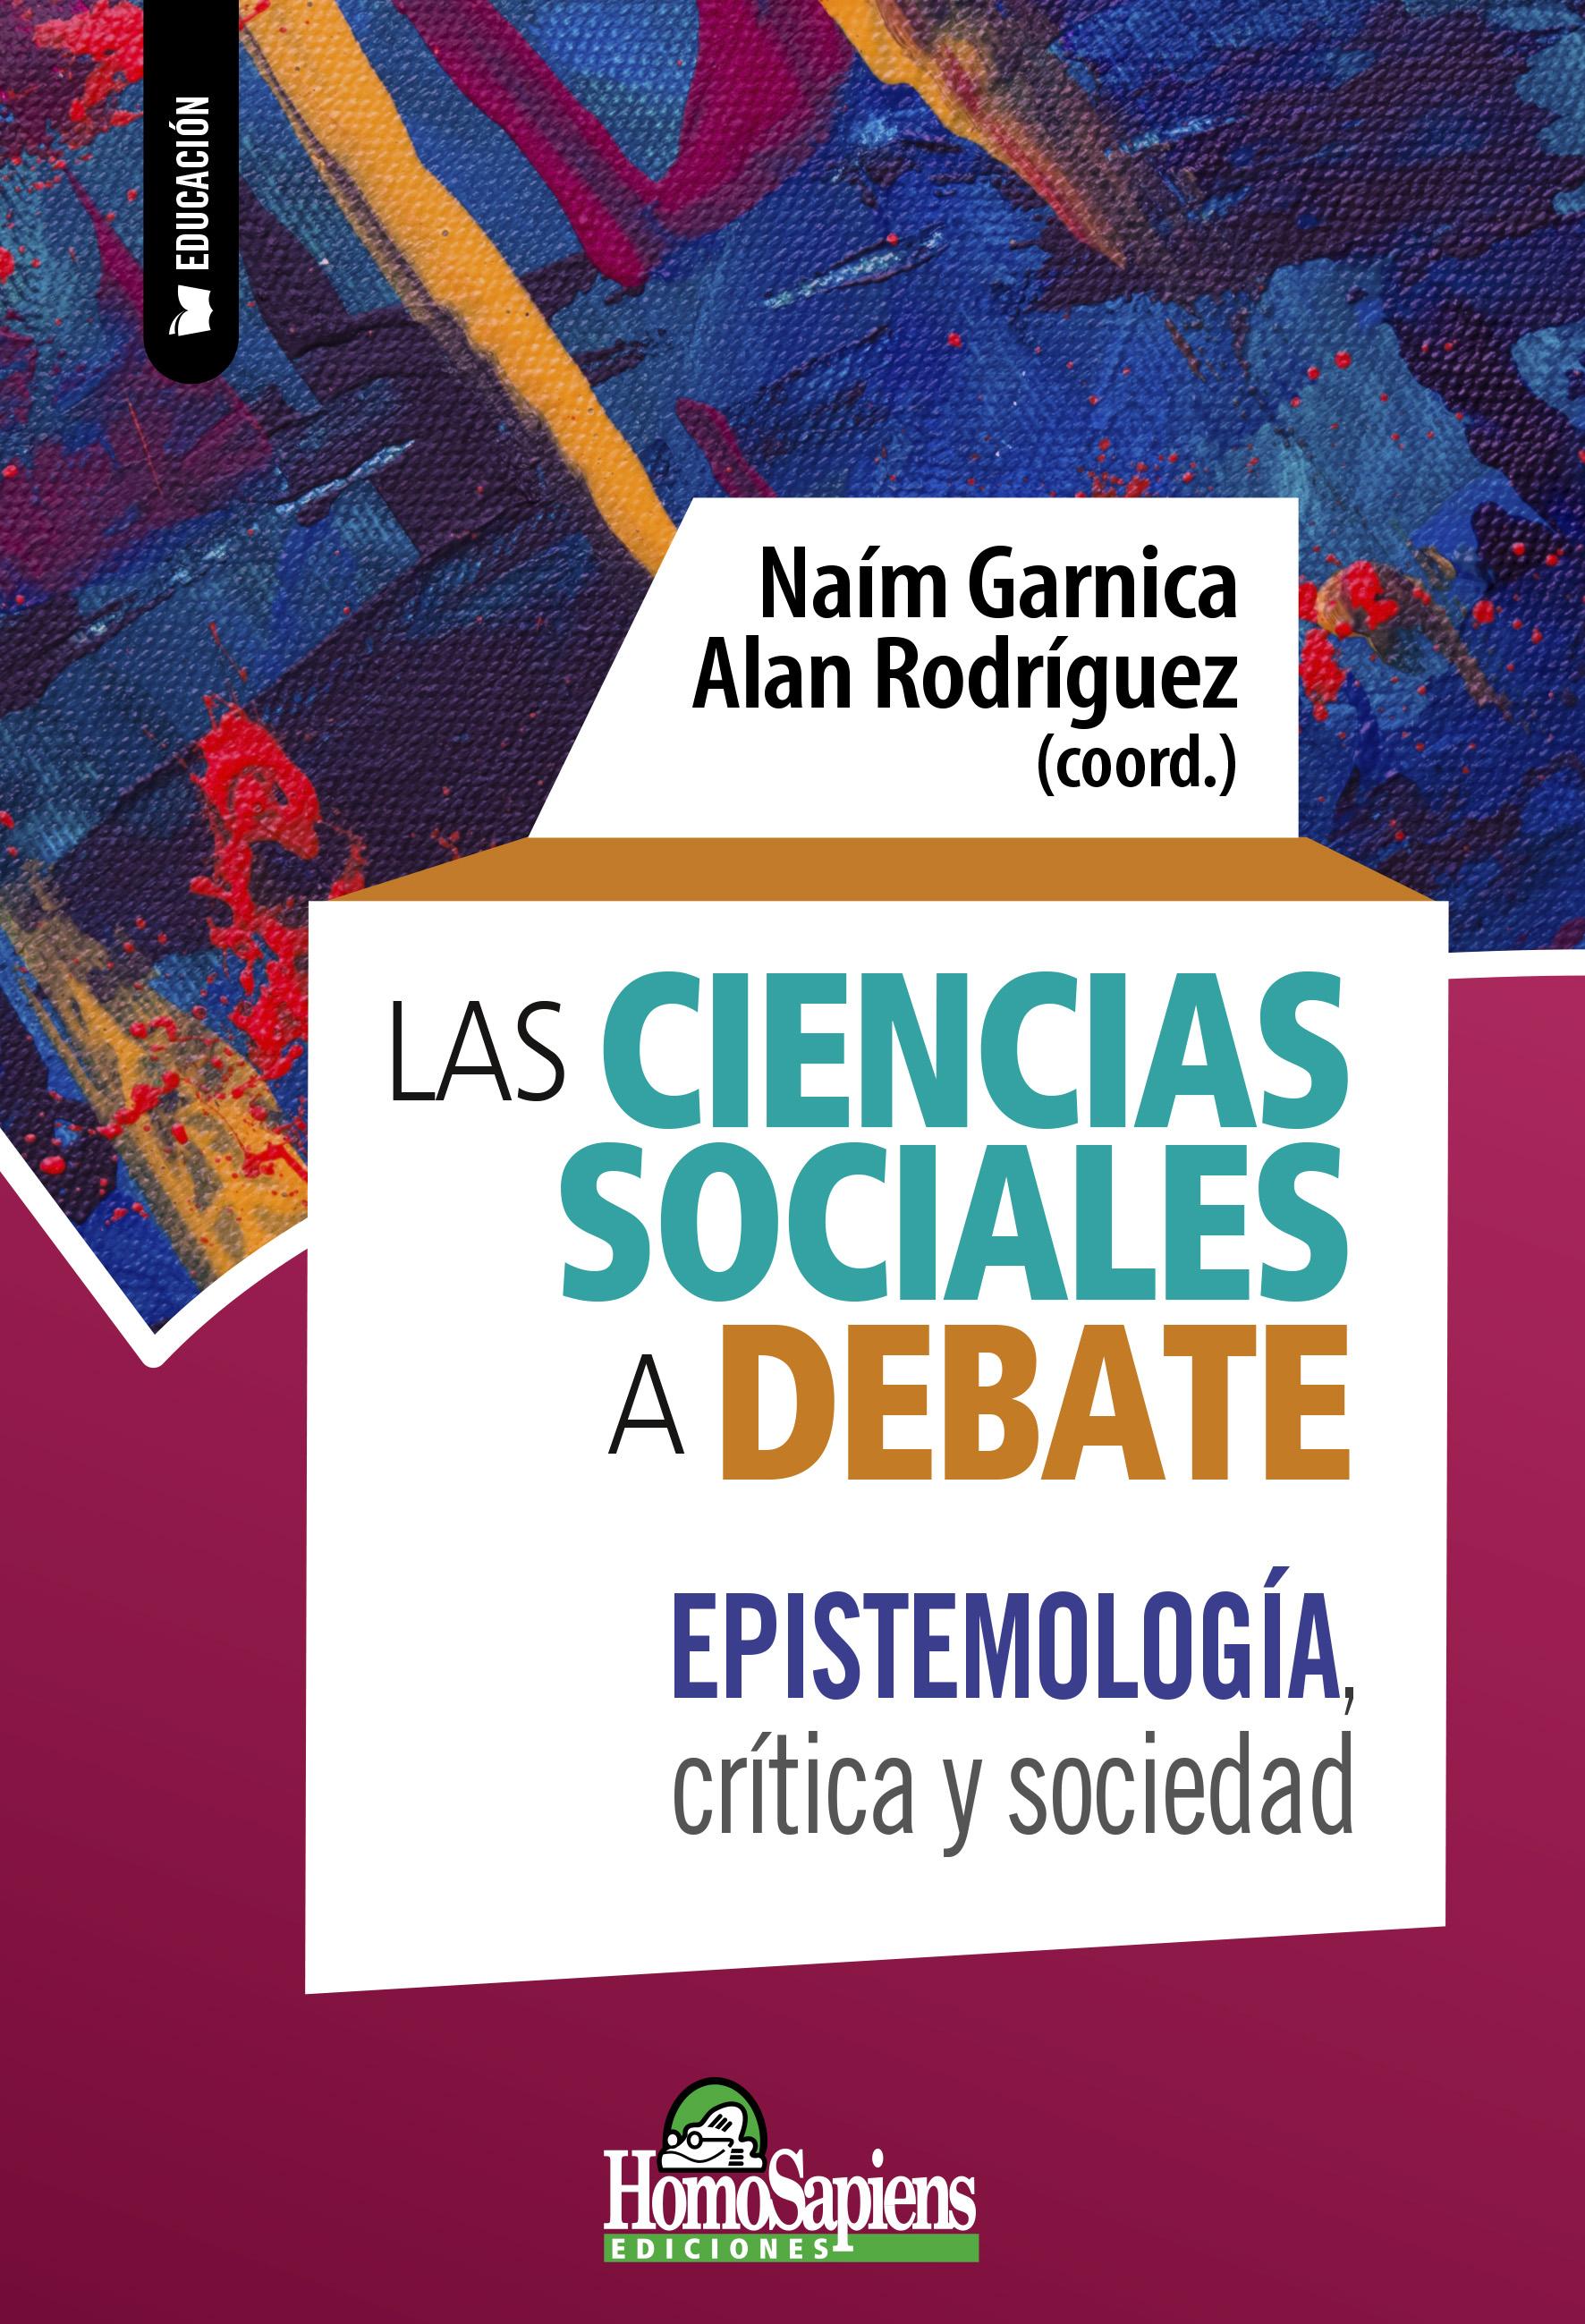 Las ciencias sociales a debate. Epistemología, crítica y sociedad